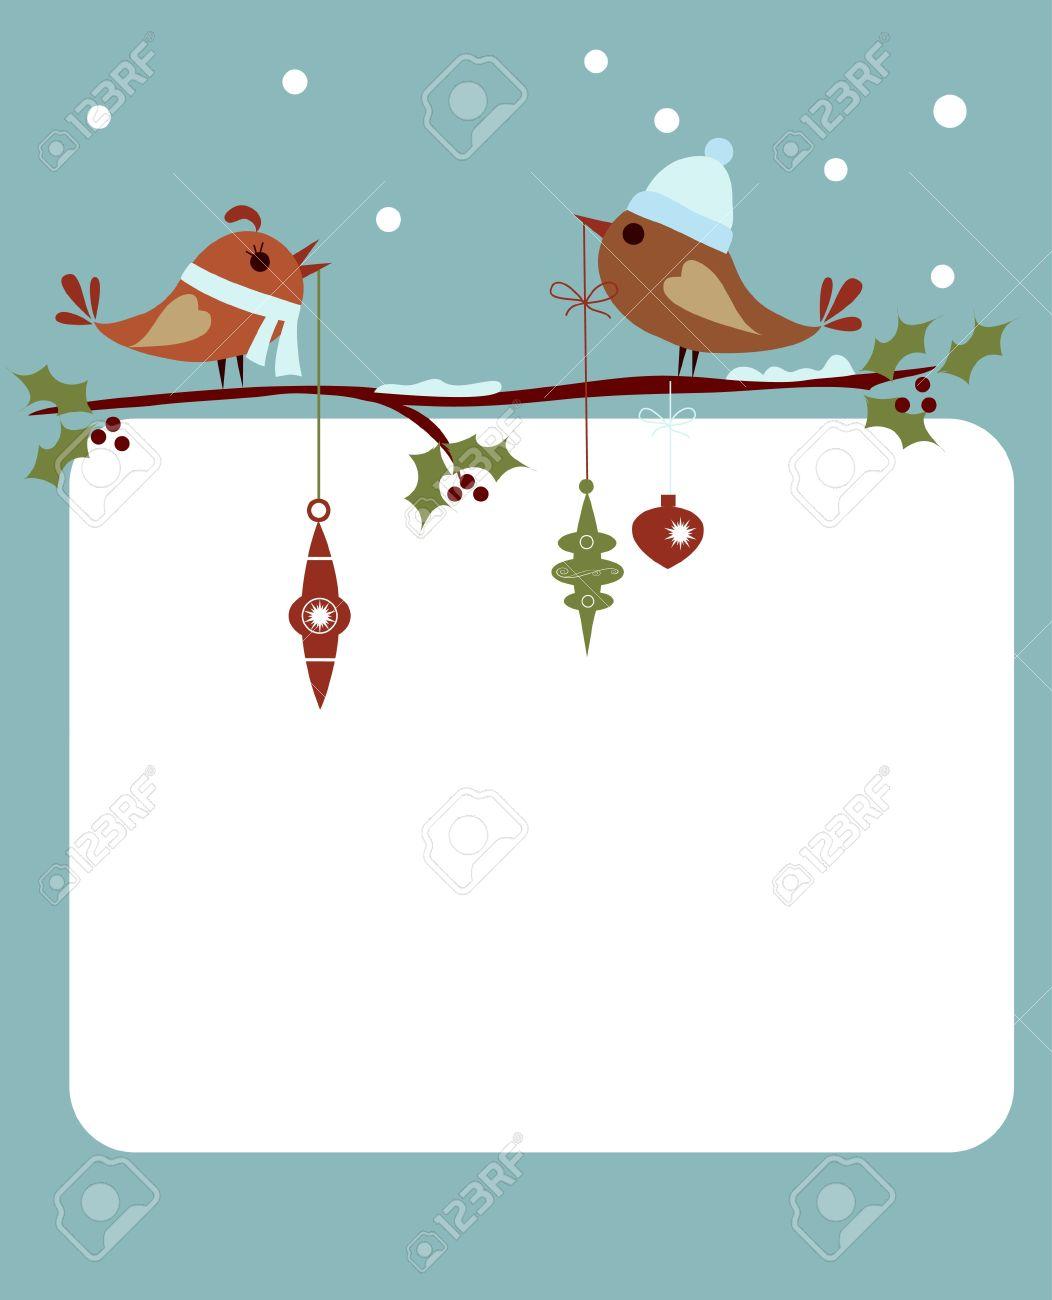 Vorlage Weihnachtskarte Mit Vögeln Lizenzfrei Nutzbare